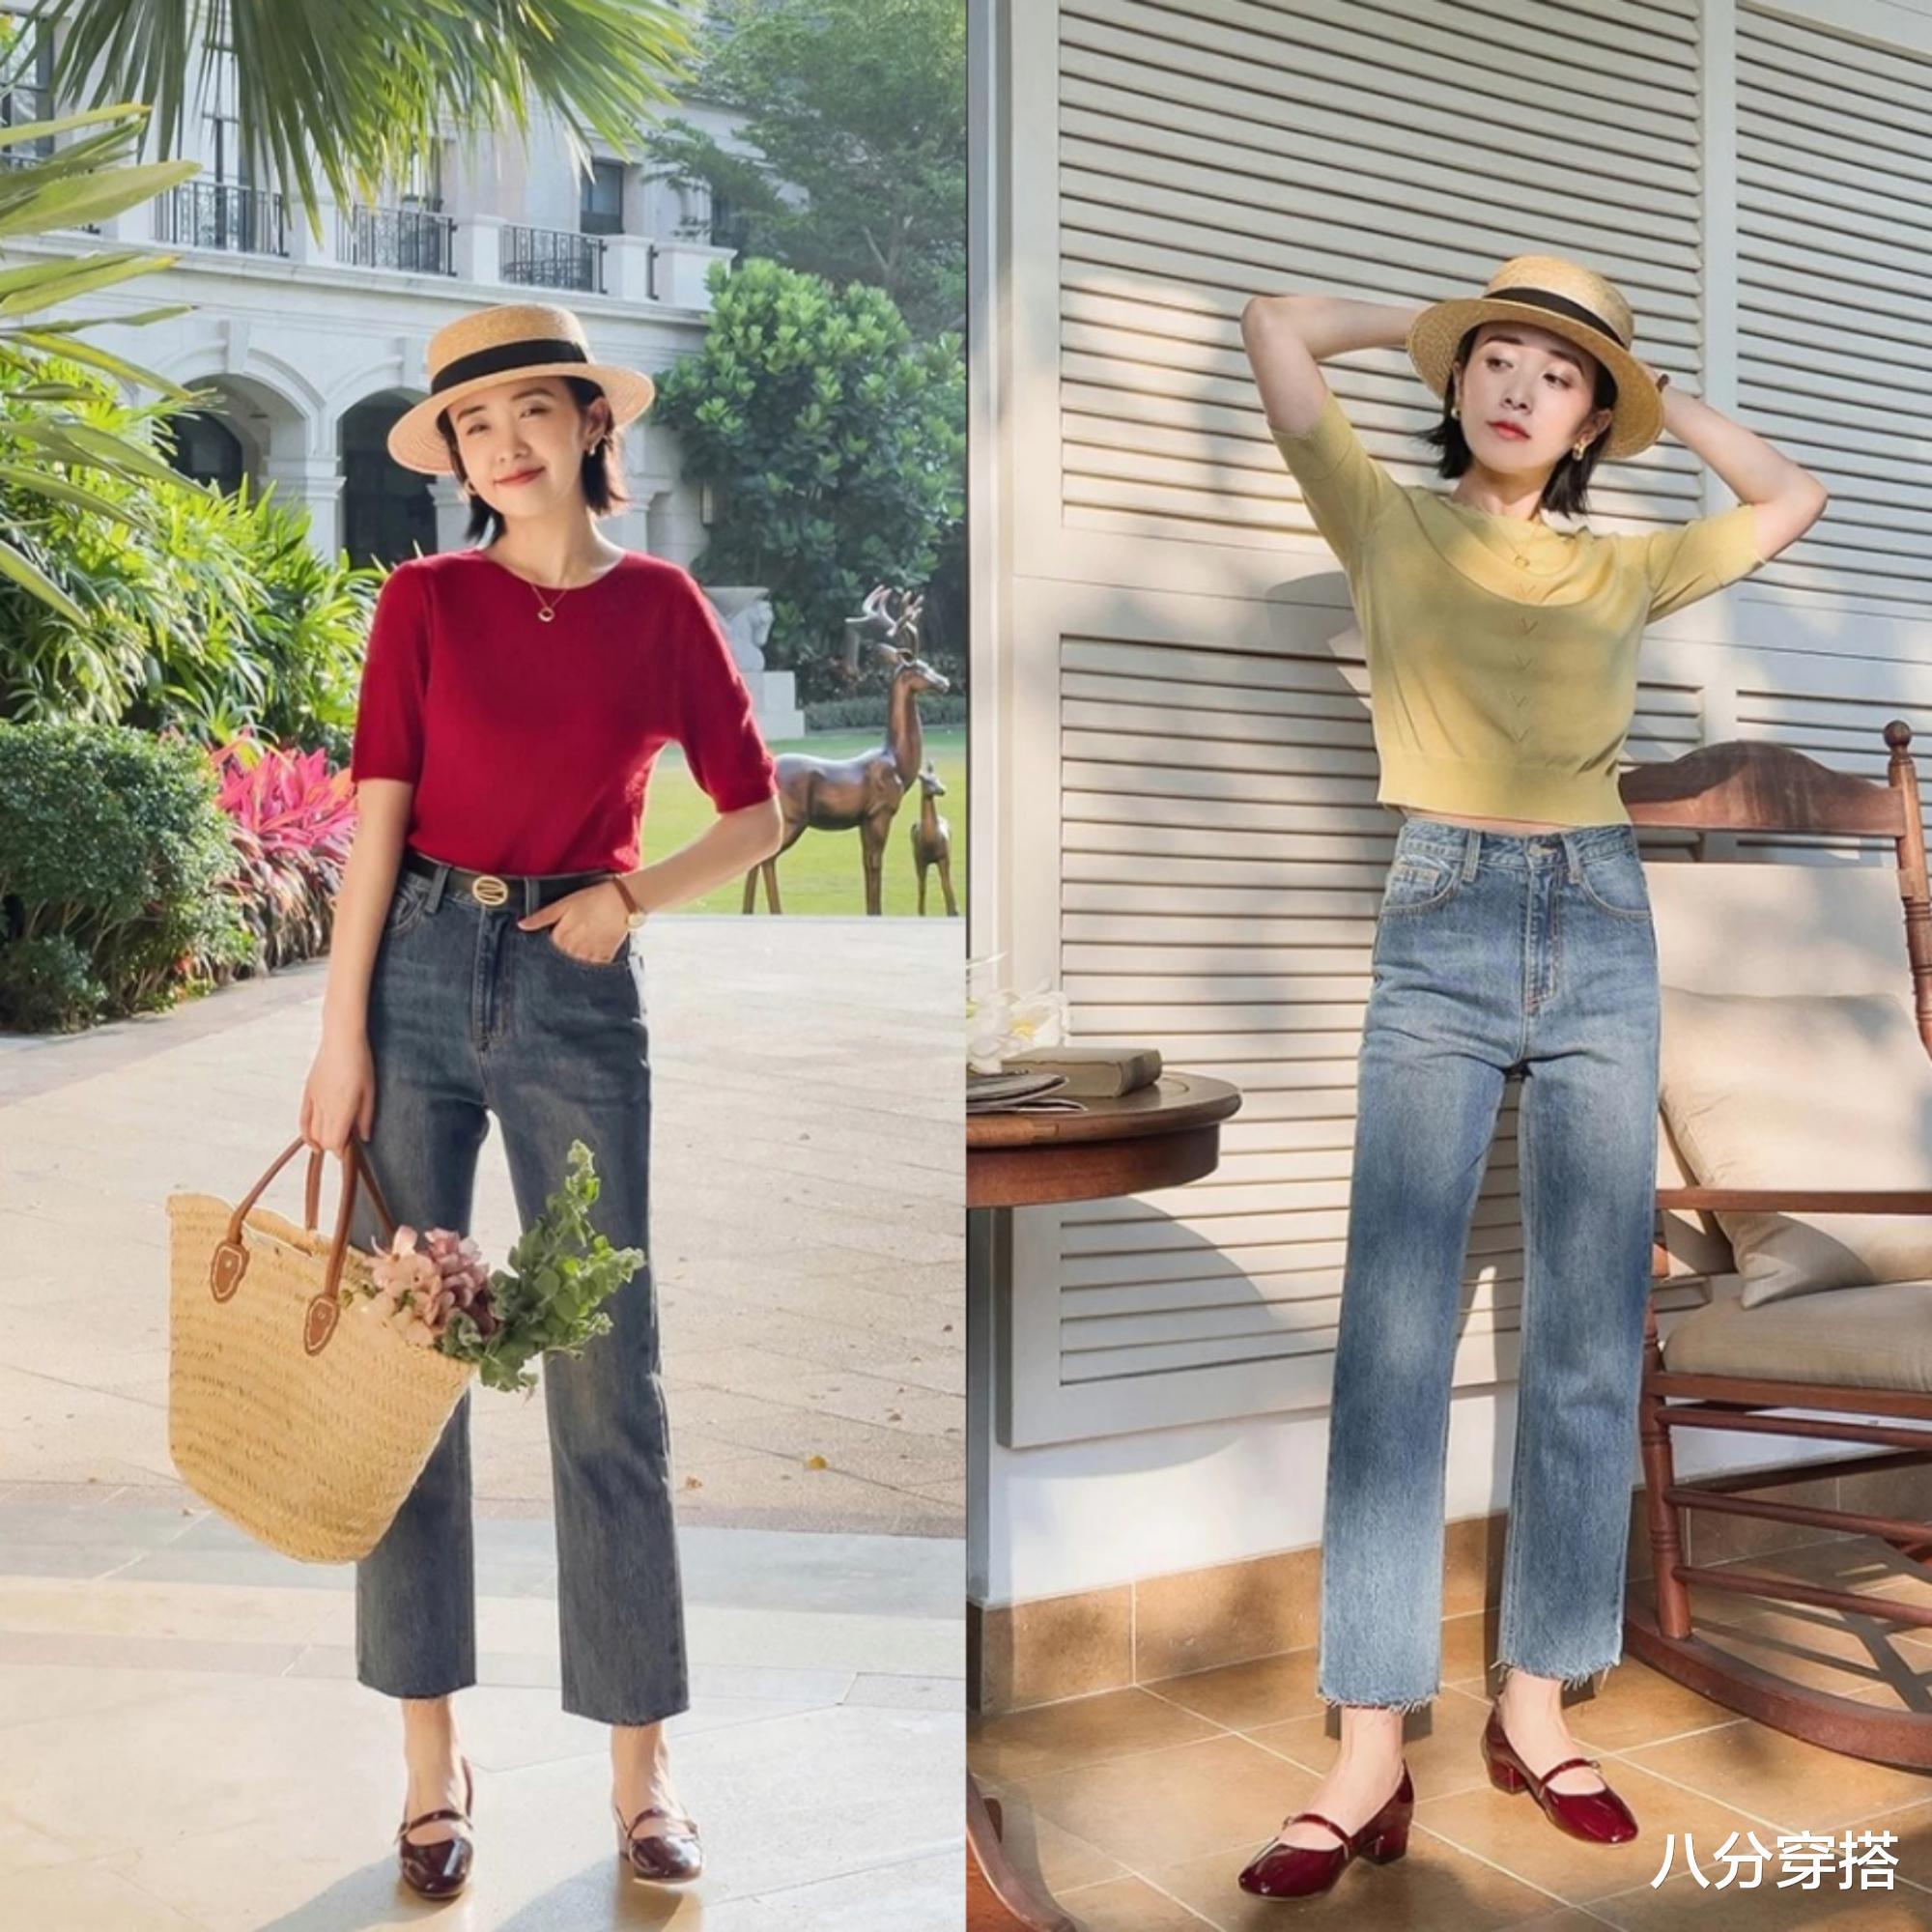 夏季针织衫怎么穿?看看这几个搭配小技巧,优雅温柔又有气质感